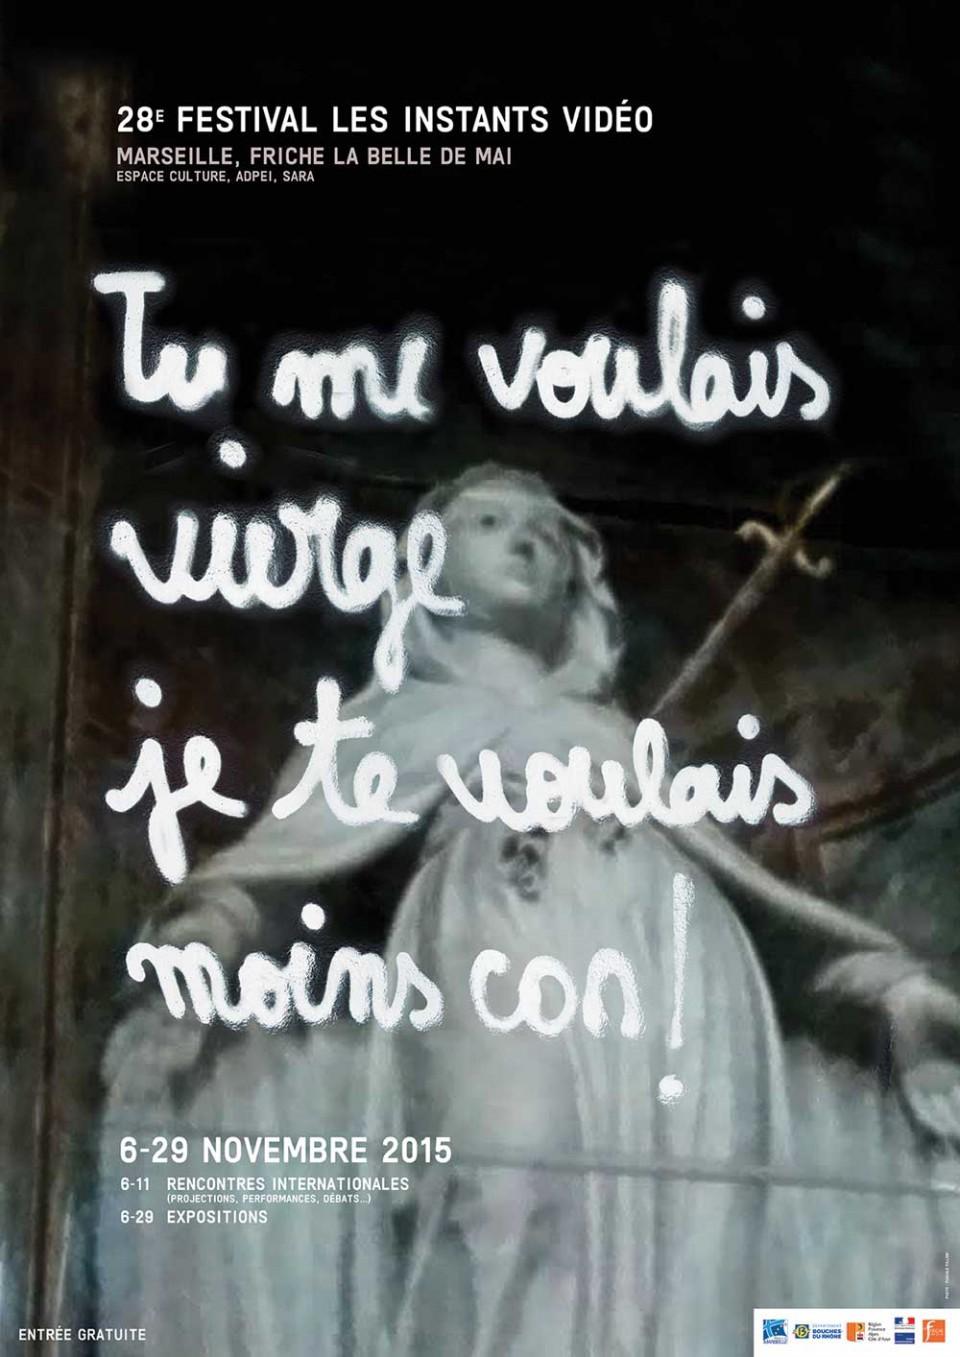 28e Festival Les Instants Vidéo – (M)édito